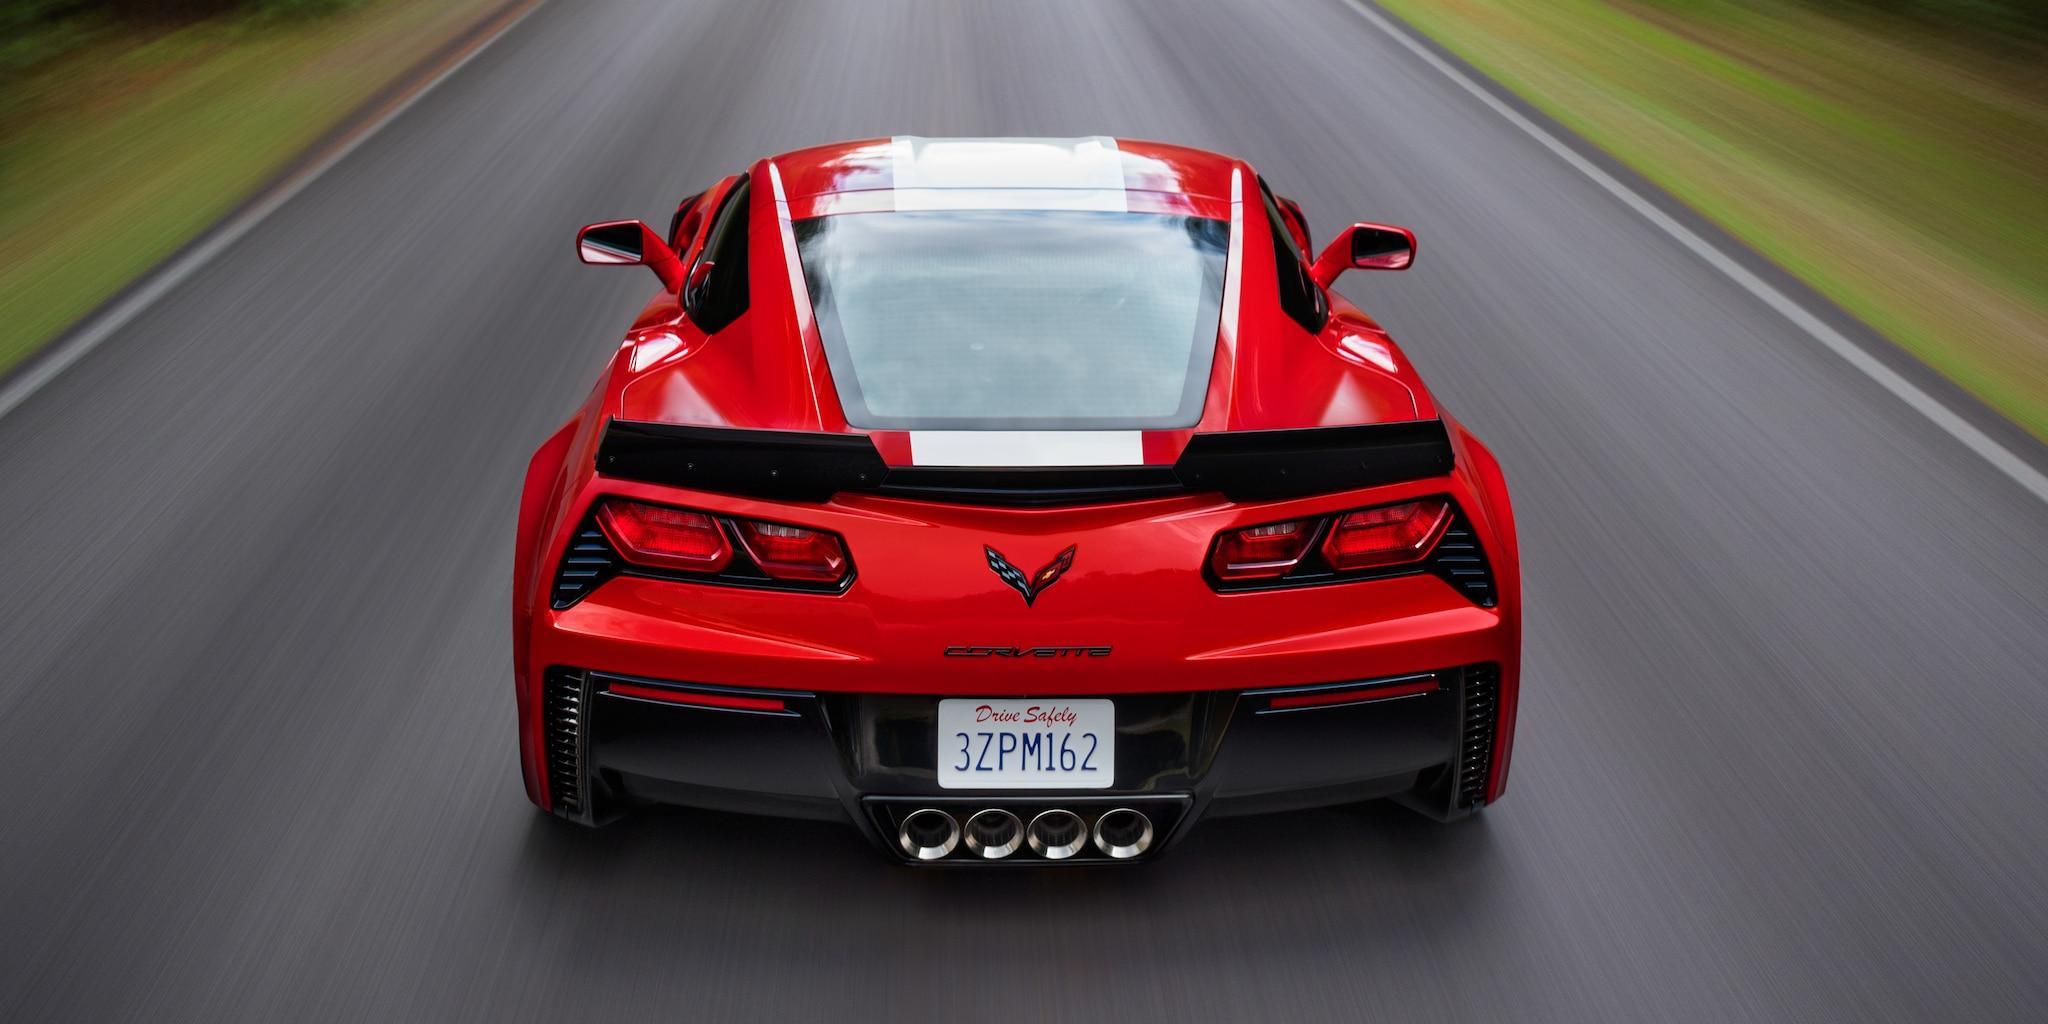 Diseño del auto deportivo Corvette Grand Sport 2018: trasero